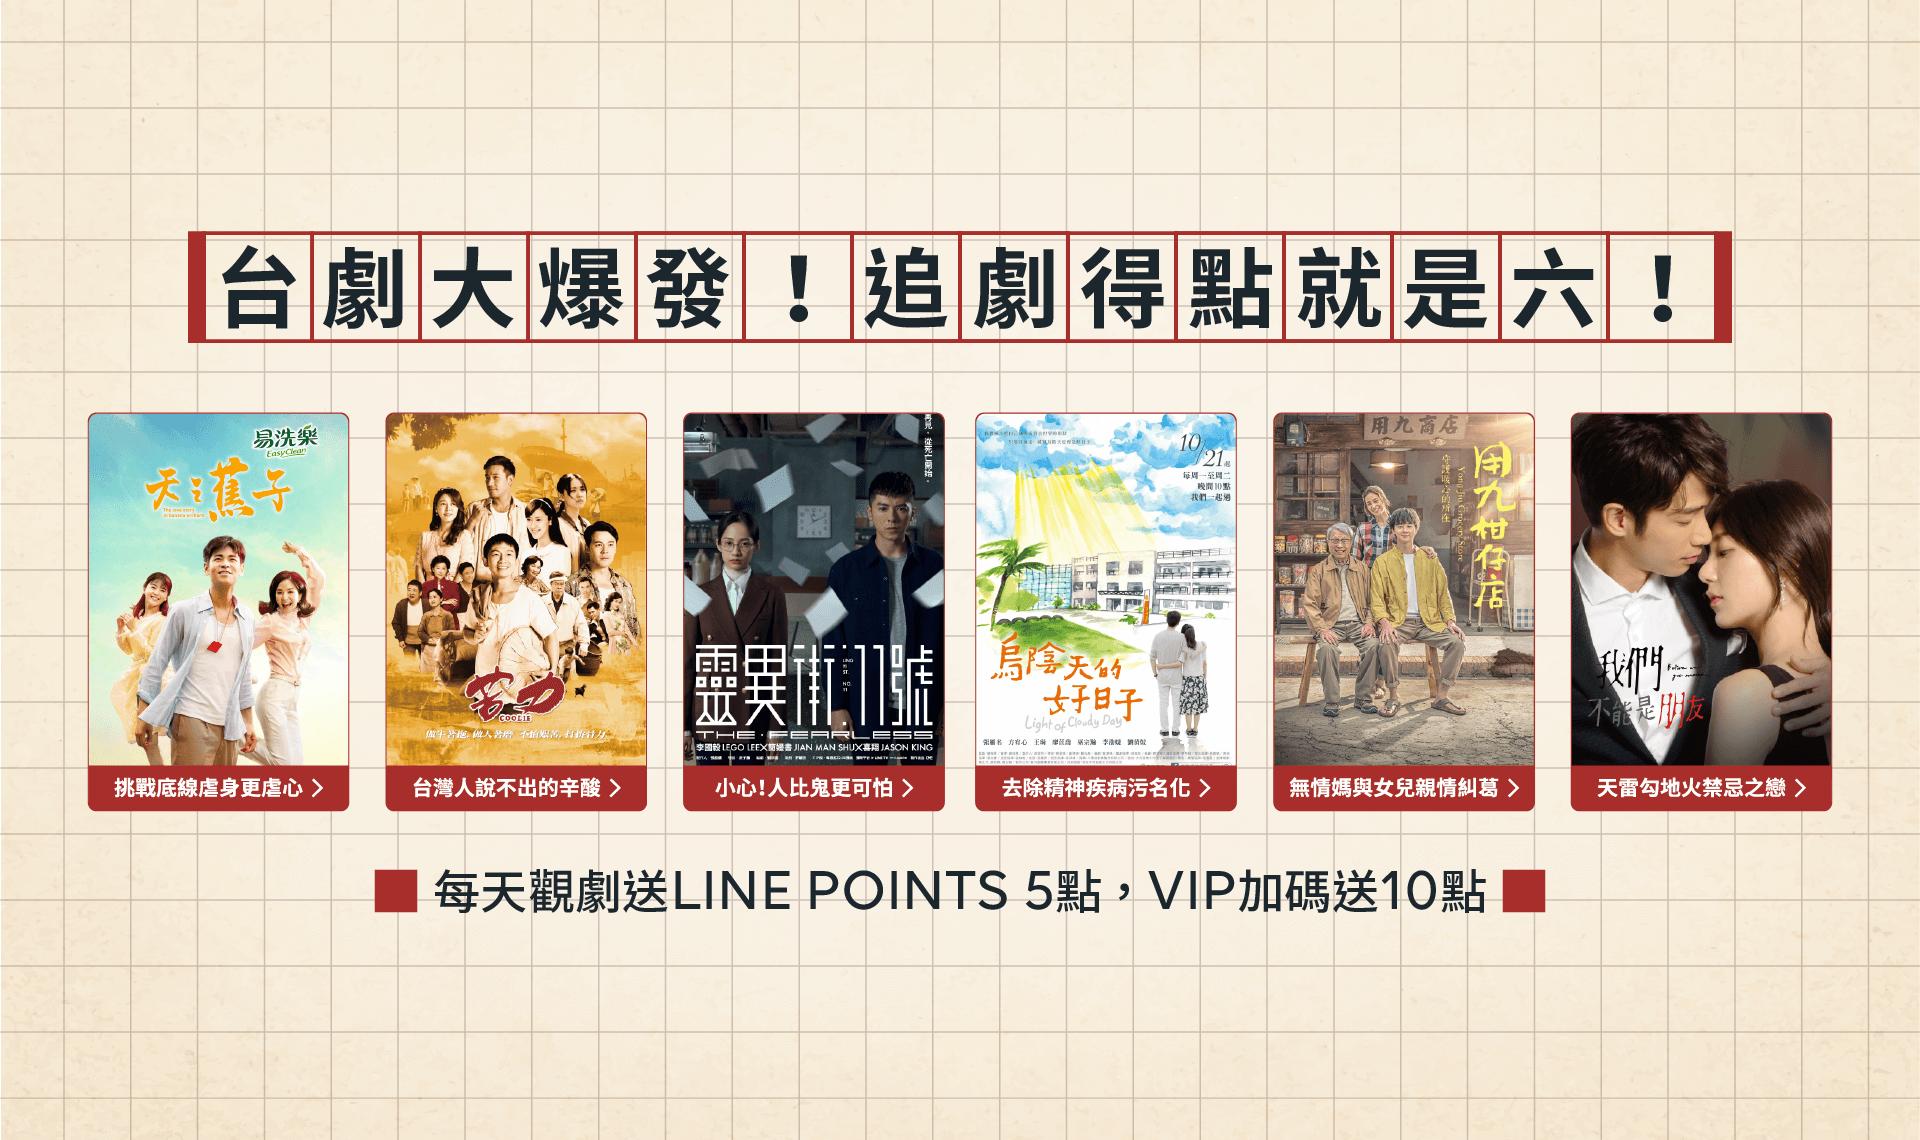 【限時活動】台劇大爆發!追劇得點就是6!支持台劇送LINE POINTS!